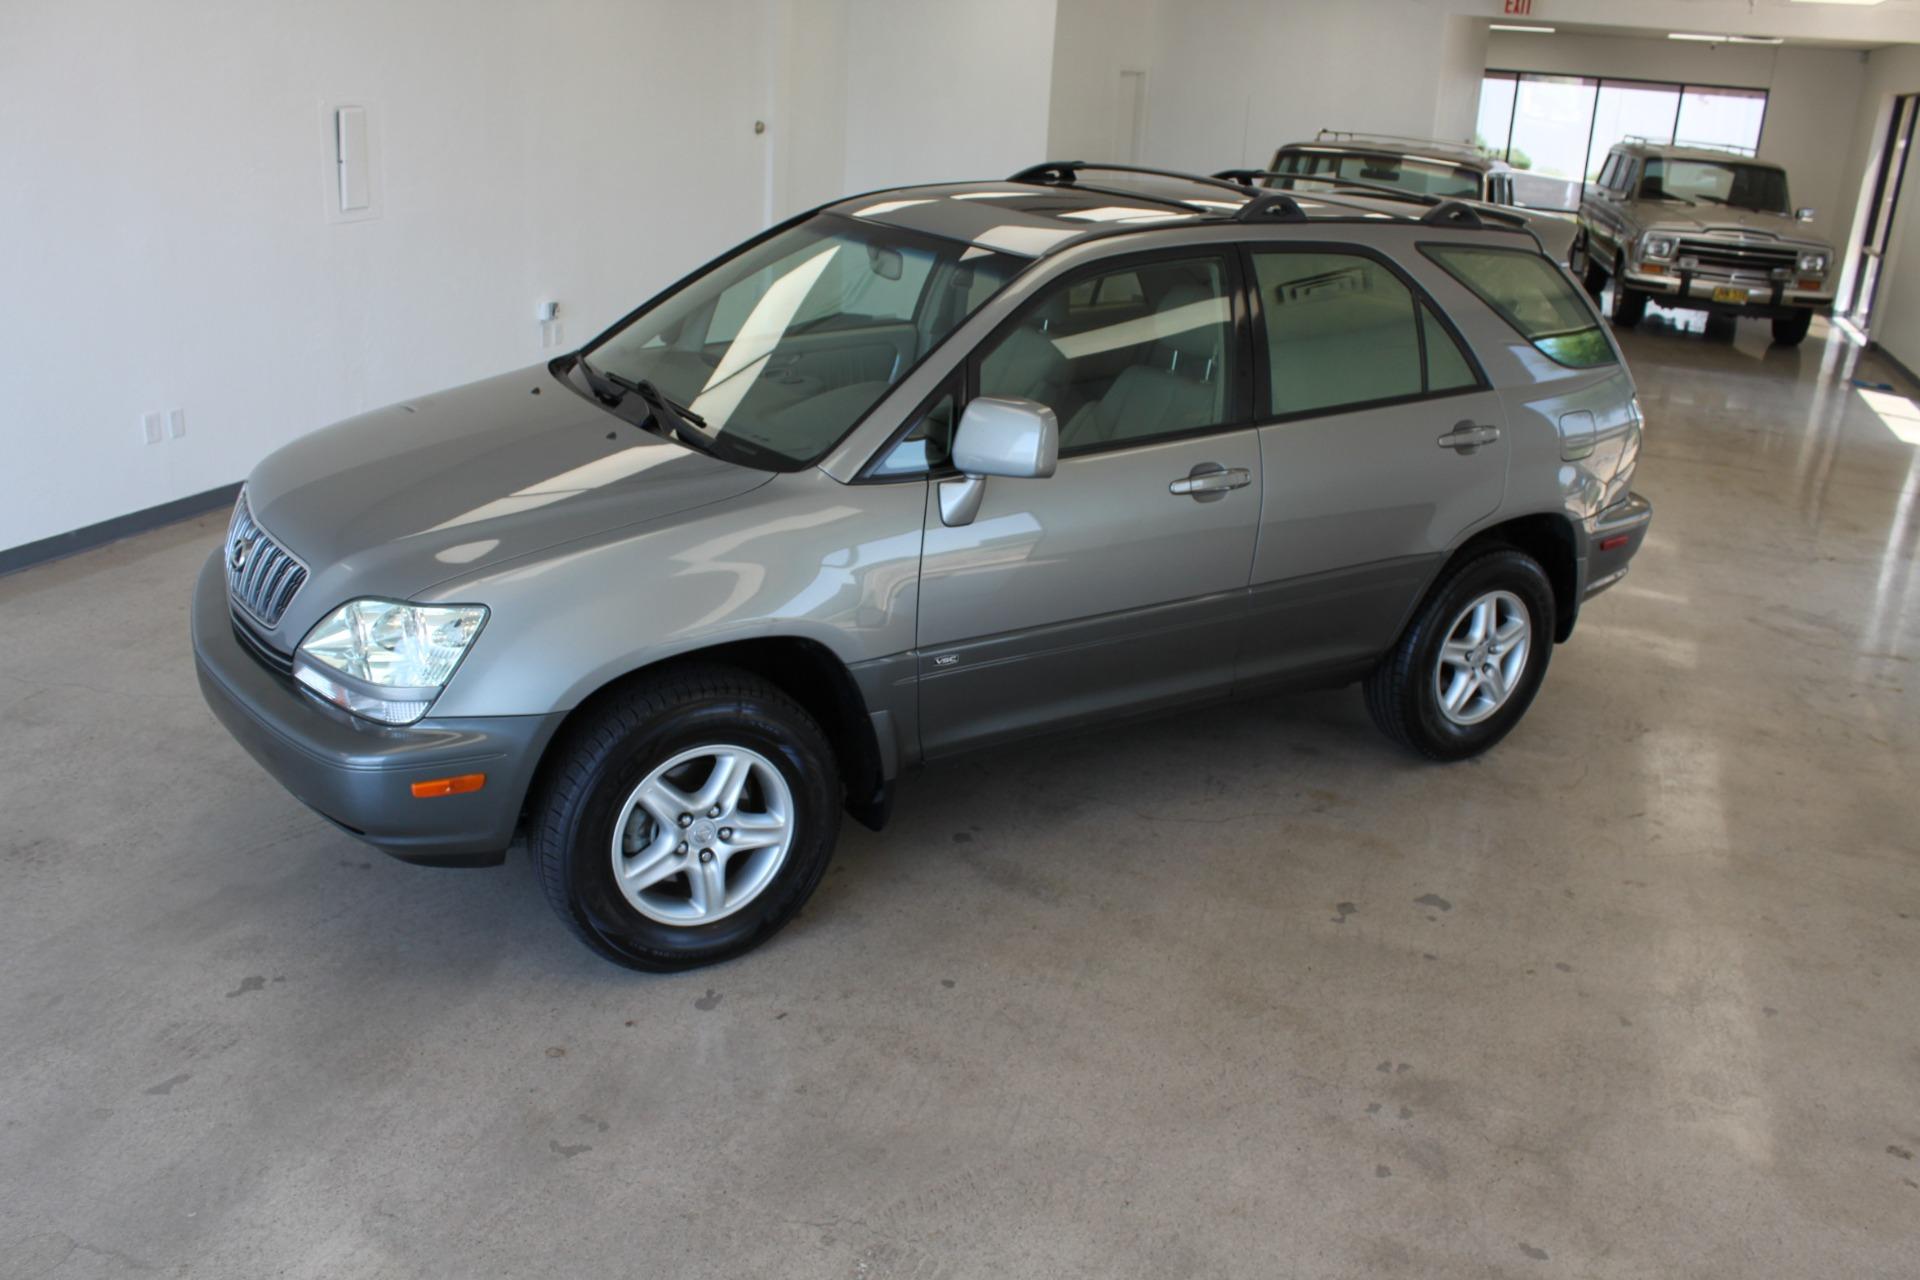 Used-2002-Lexus-RX-300-Acura